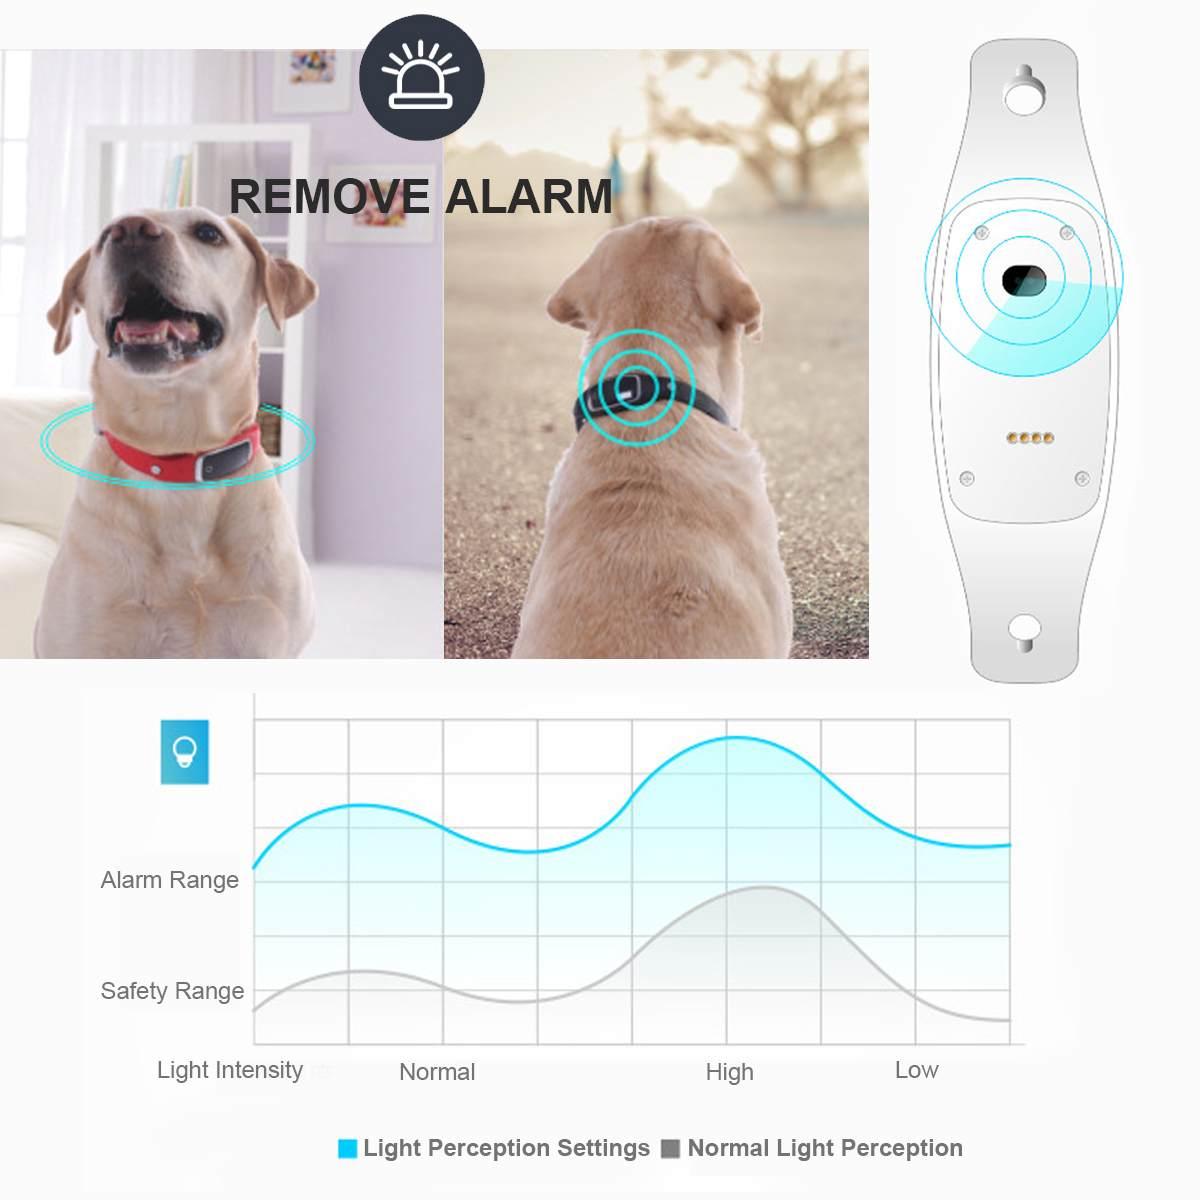 Мини водонепроницаемый ошейник для собак и кошек, идентификационный локатор для домашних животных, gps трекер, GSM устройство слежения, Wi Fi устройство слежения в реальном времени для собак, кошек, устройство слежения - 4